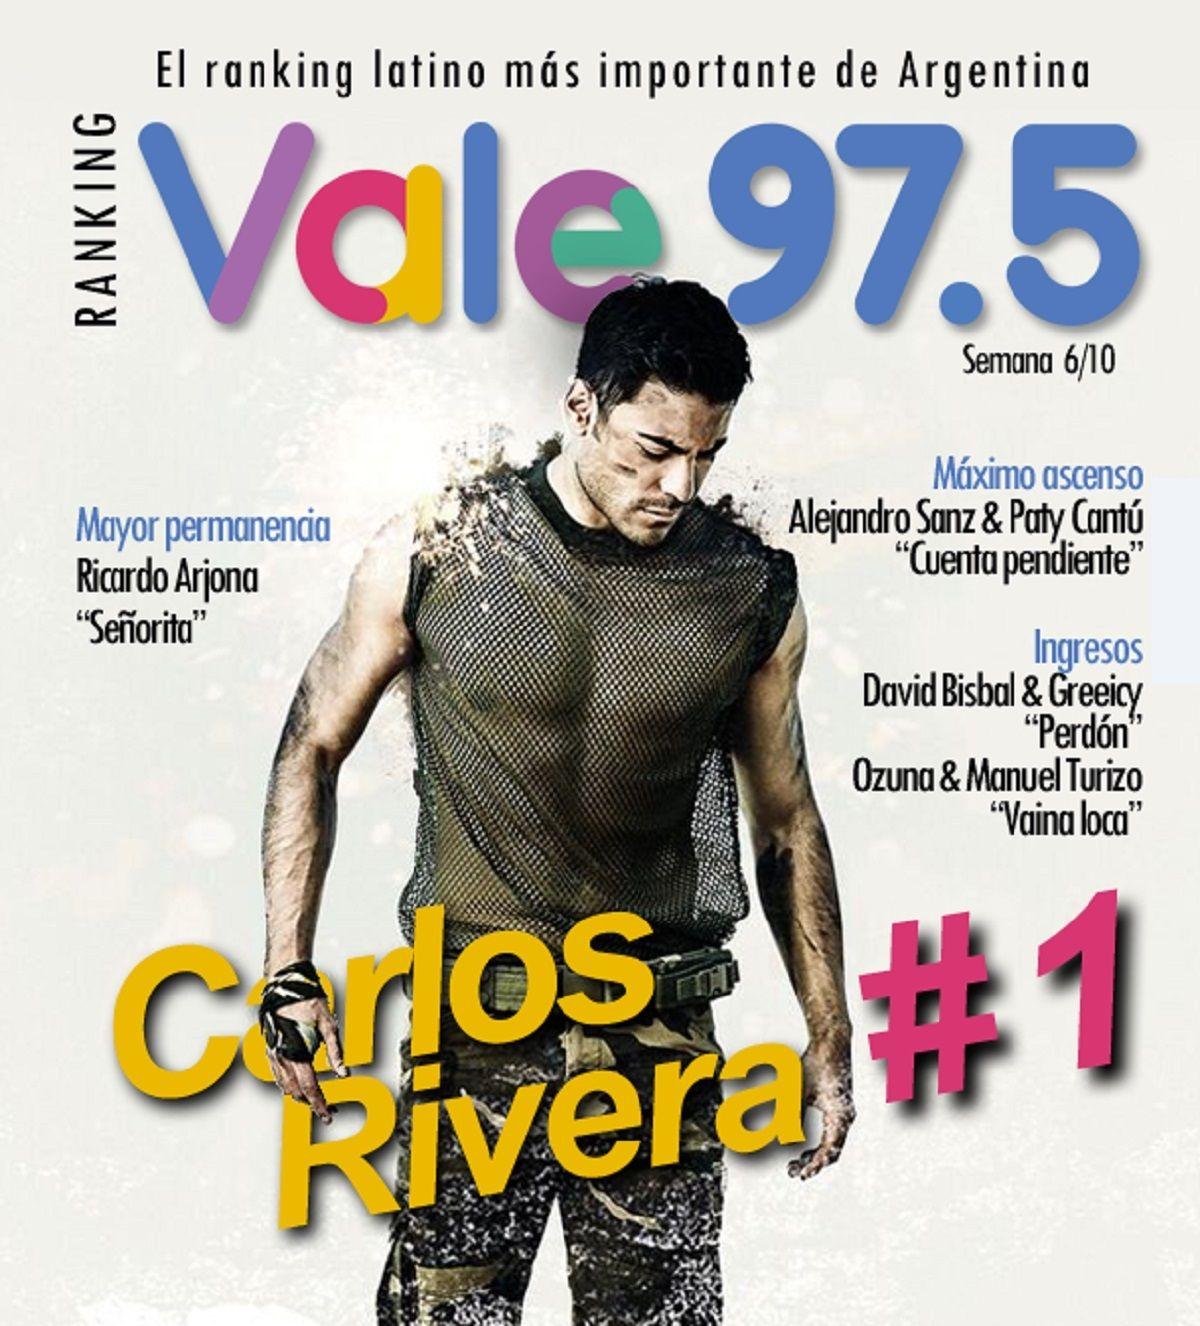 Carlos Rivera llegó a la cima del Ranking Vale